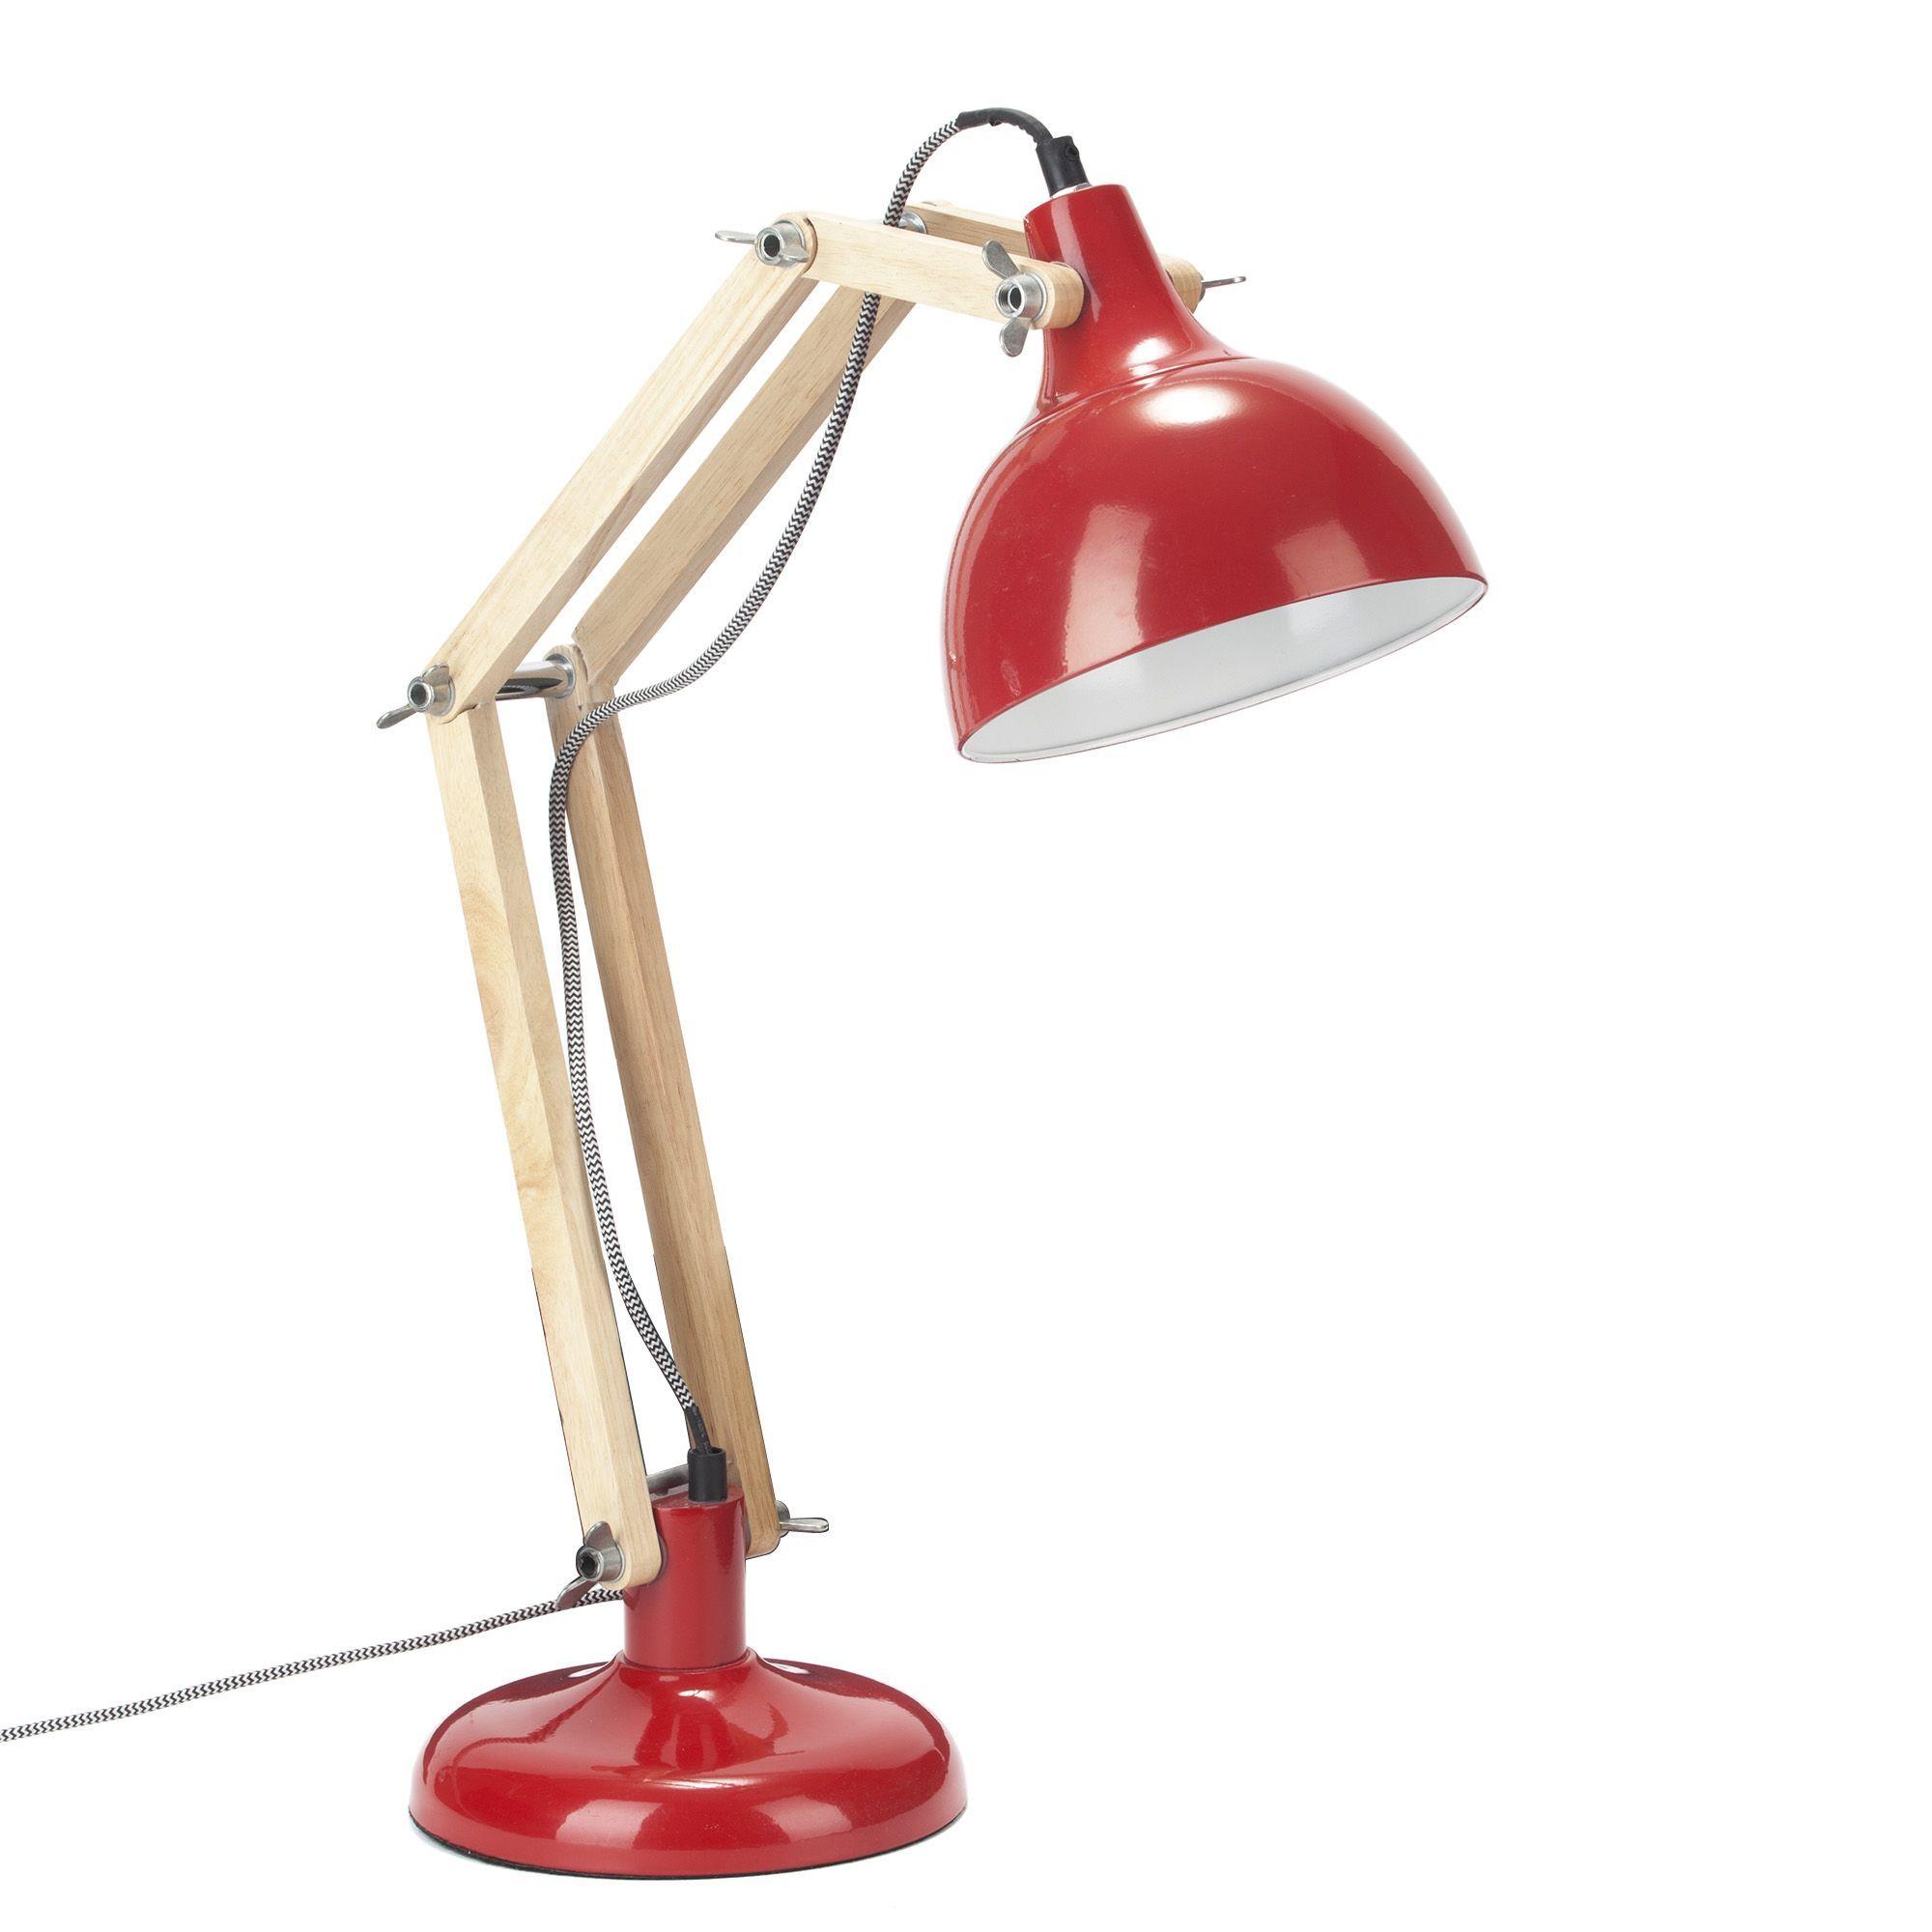 Lampe De Bureau Bois Acier Rouge H65cm Ombra Les Lampes A Poser